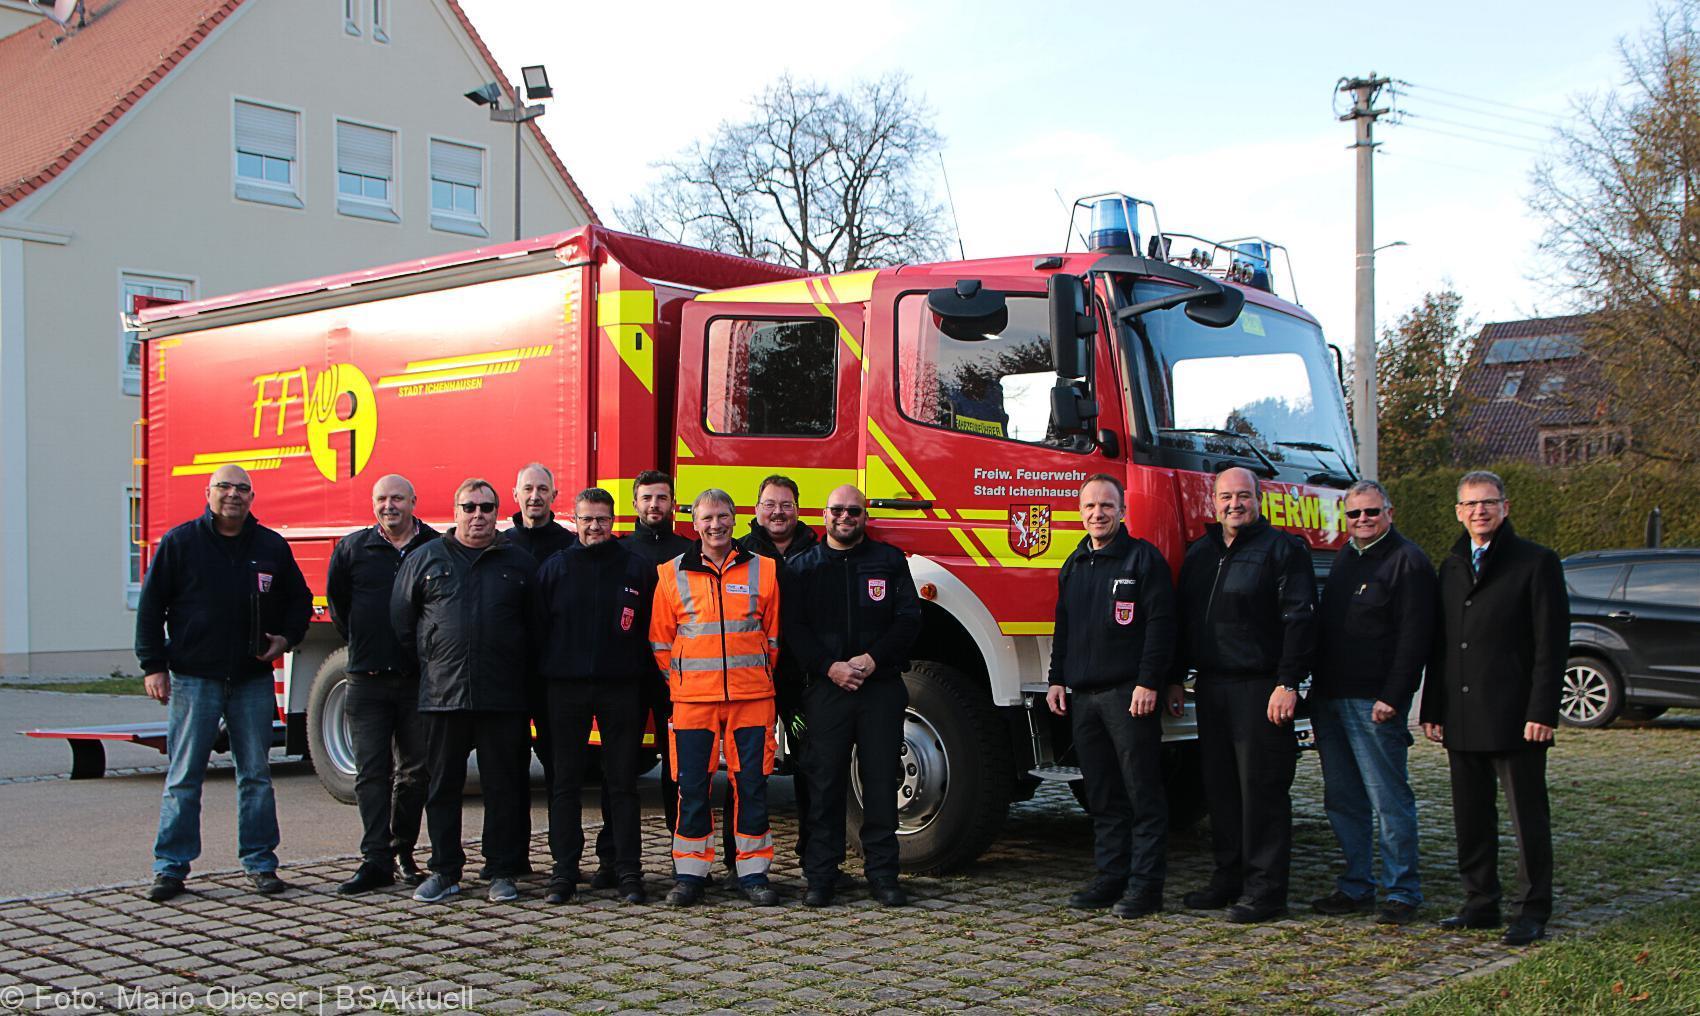 Feuerwehr Ichenhausen Versorgungs-LKW 14112019 18